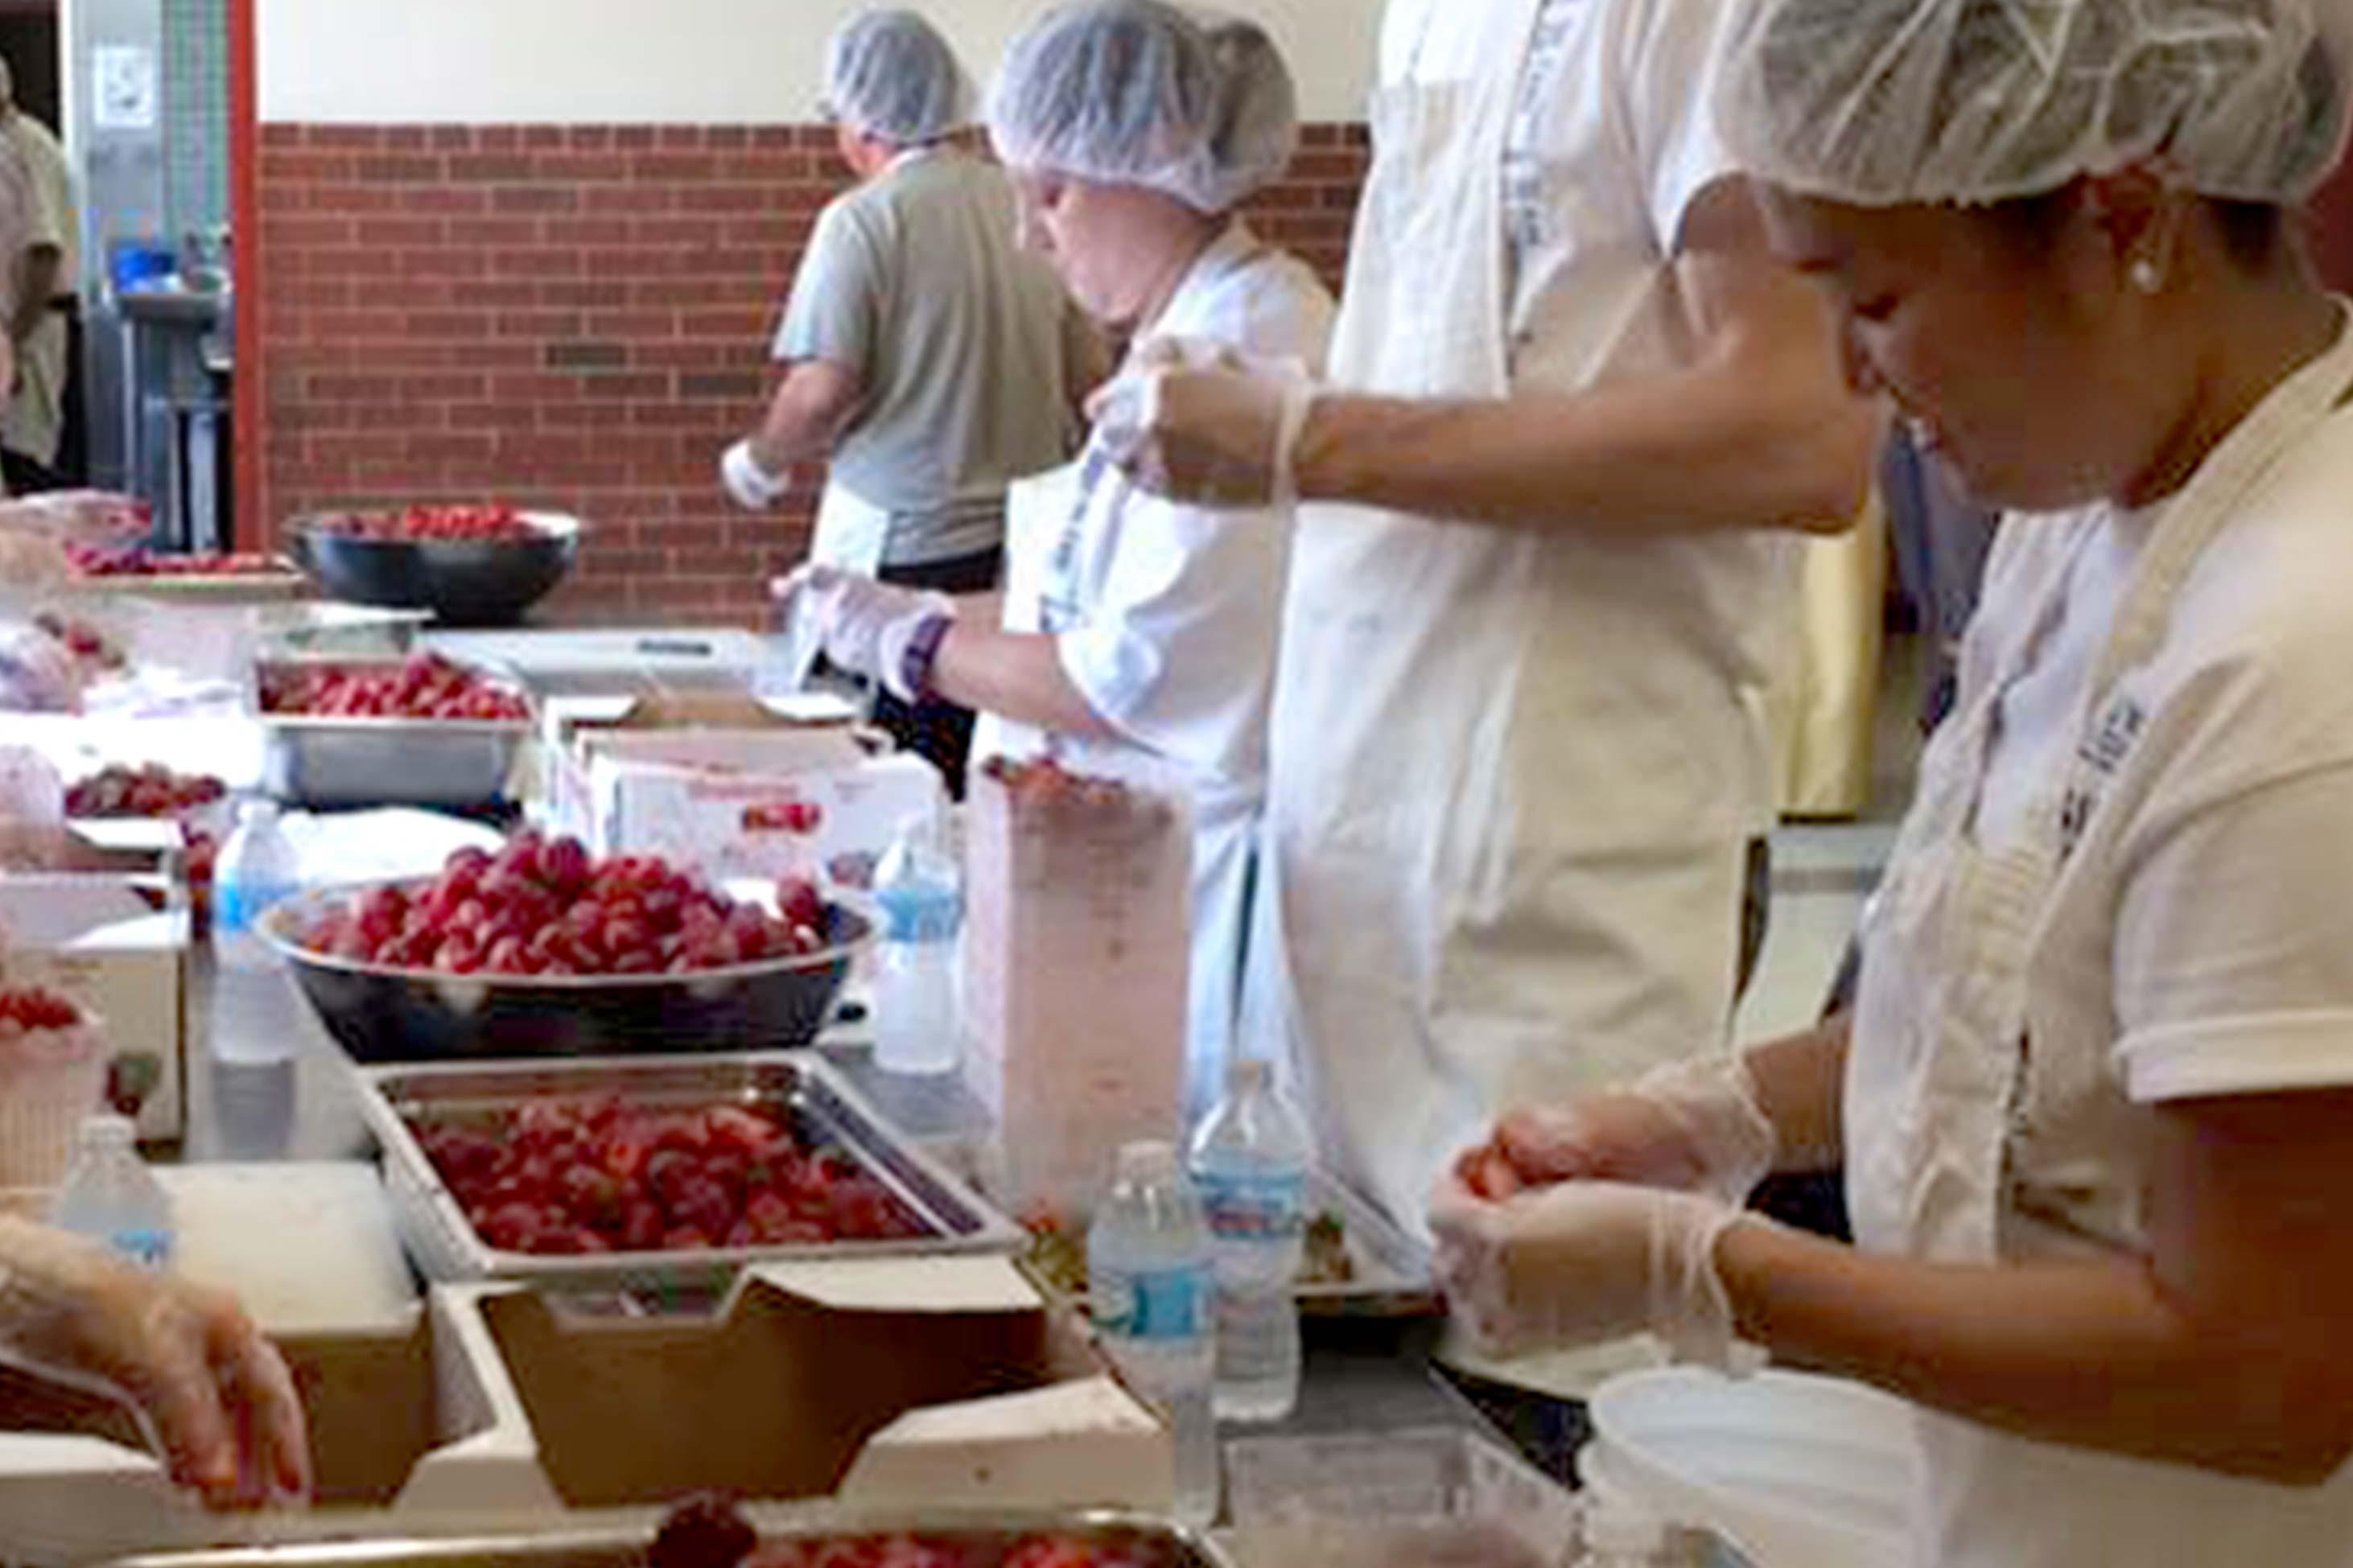 Employees working hard, sorting through food